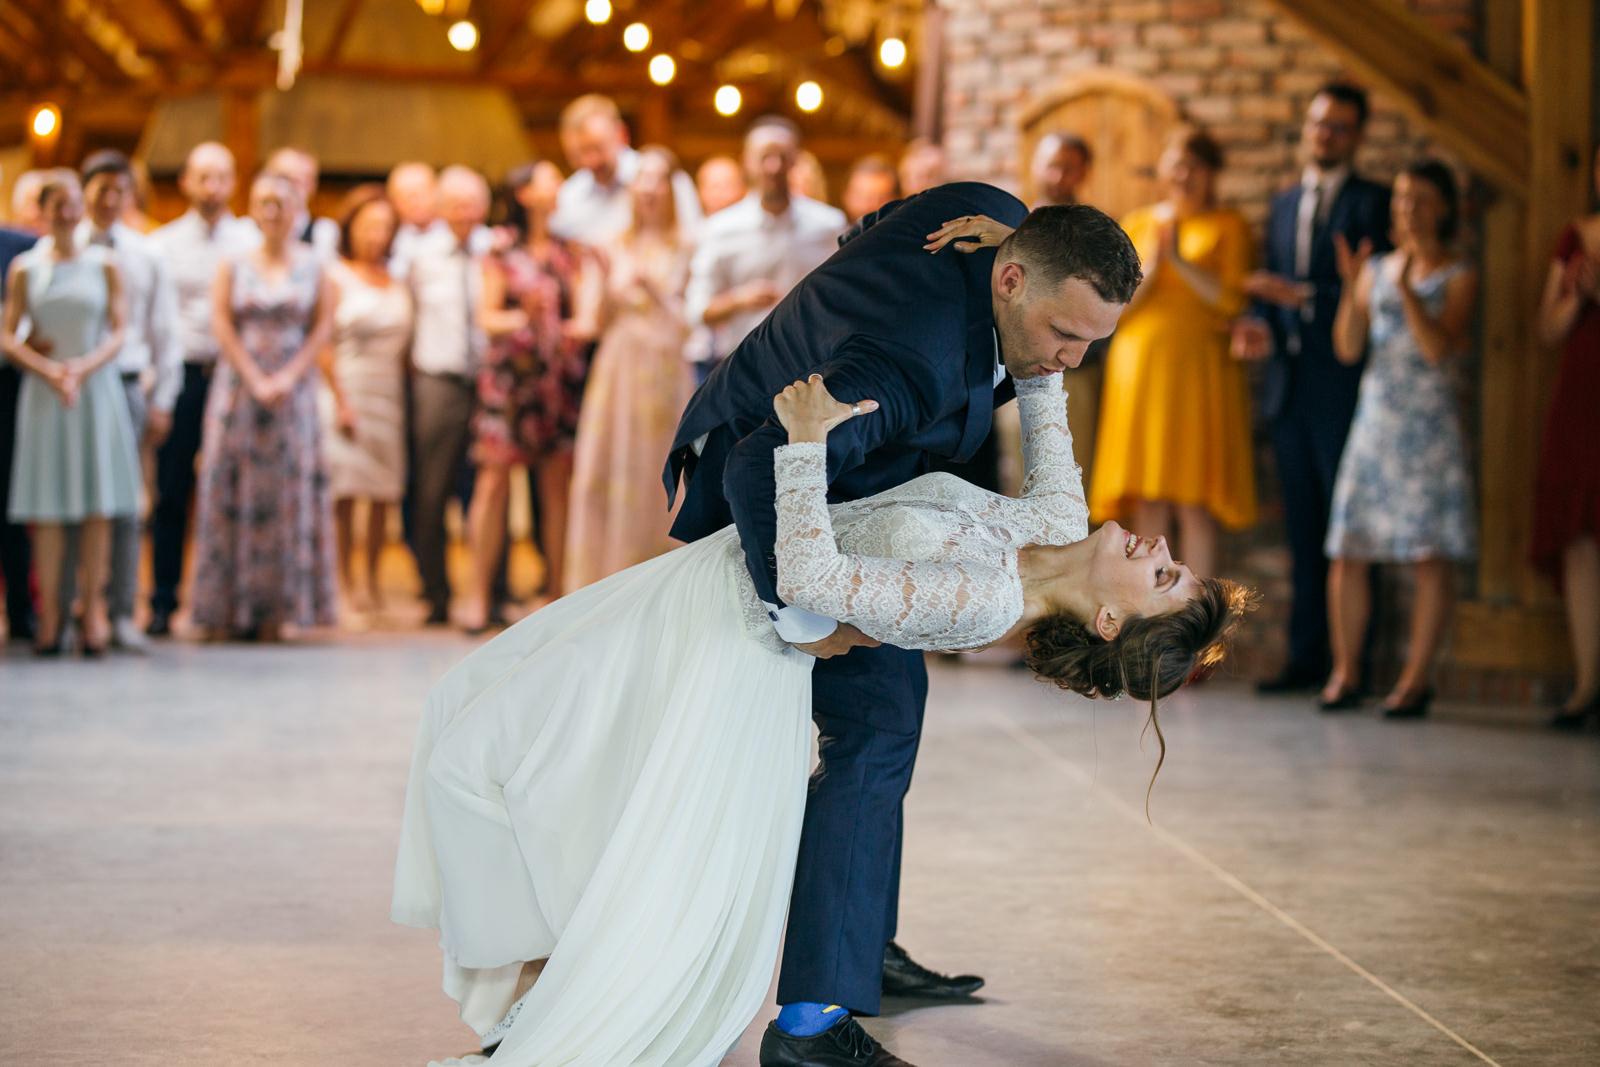 najlepsze-zdjęcia-ślubne-2019-kinga-madro